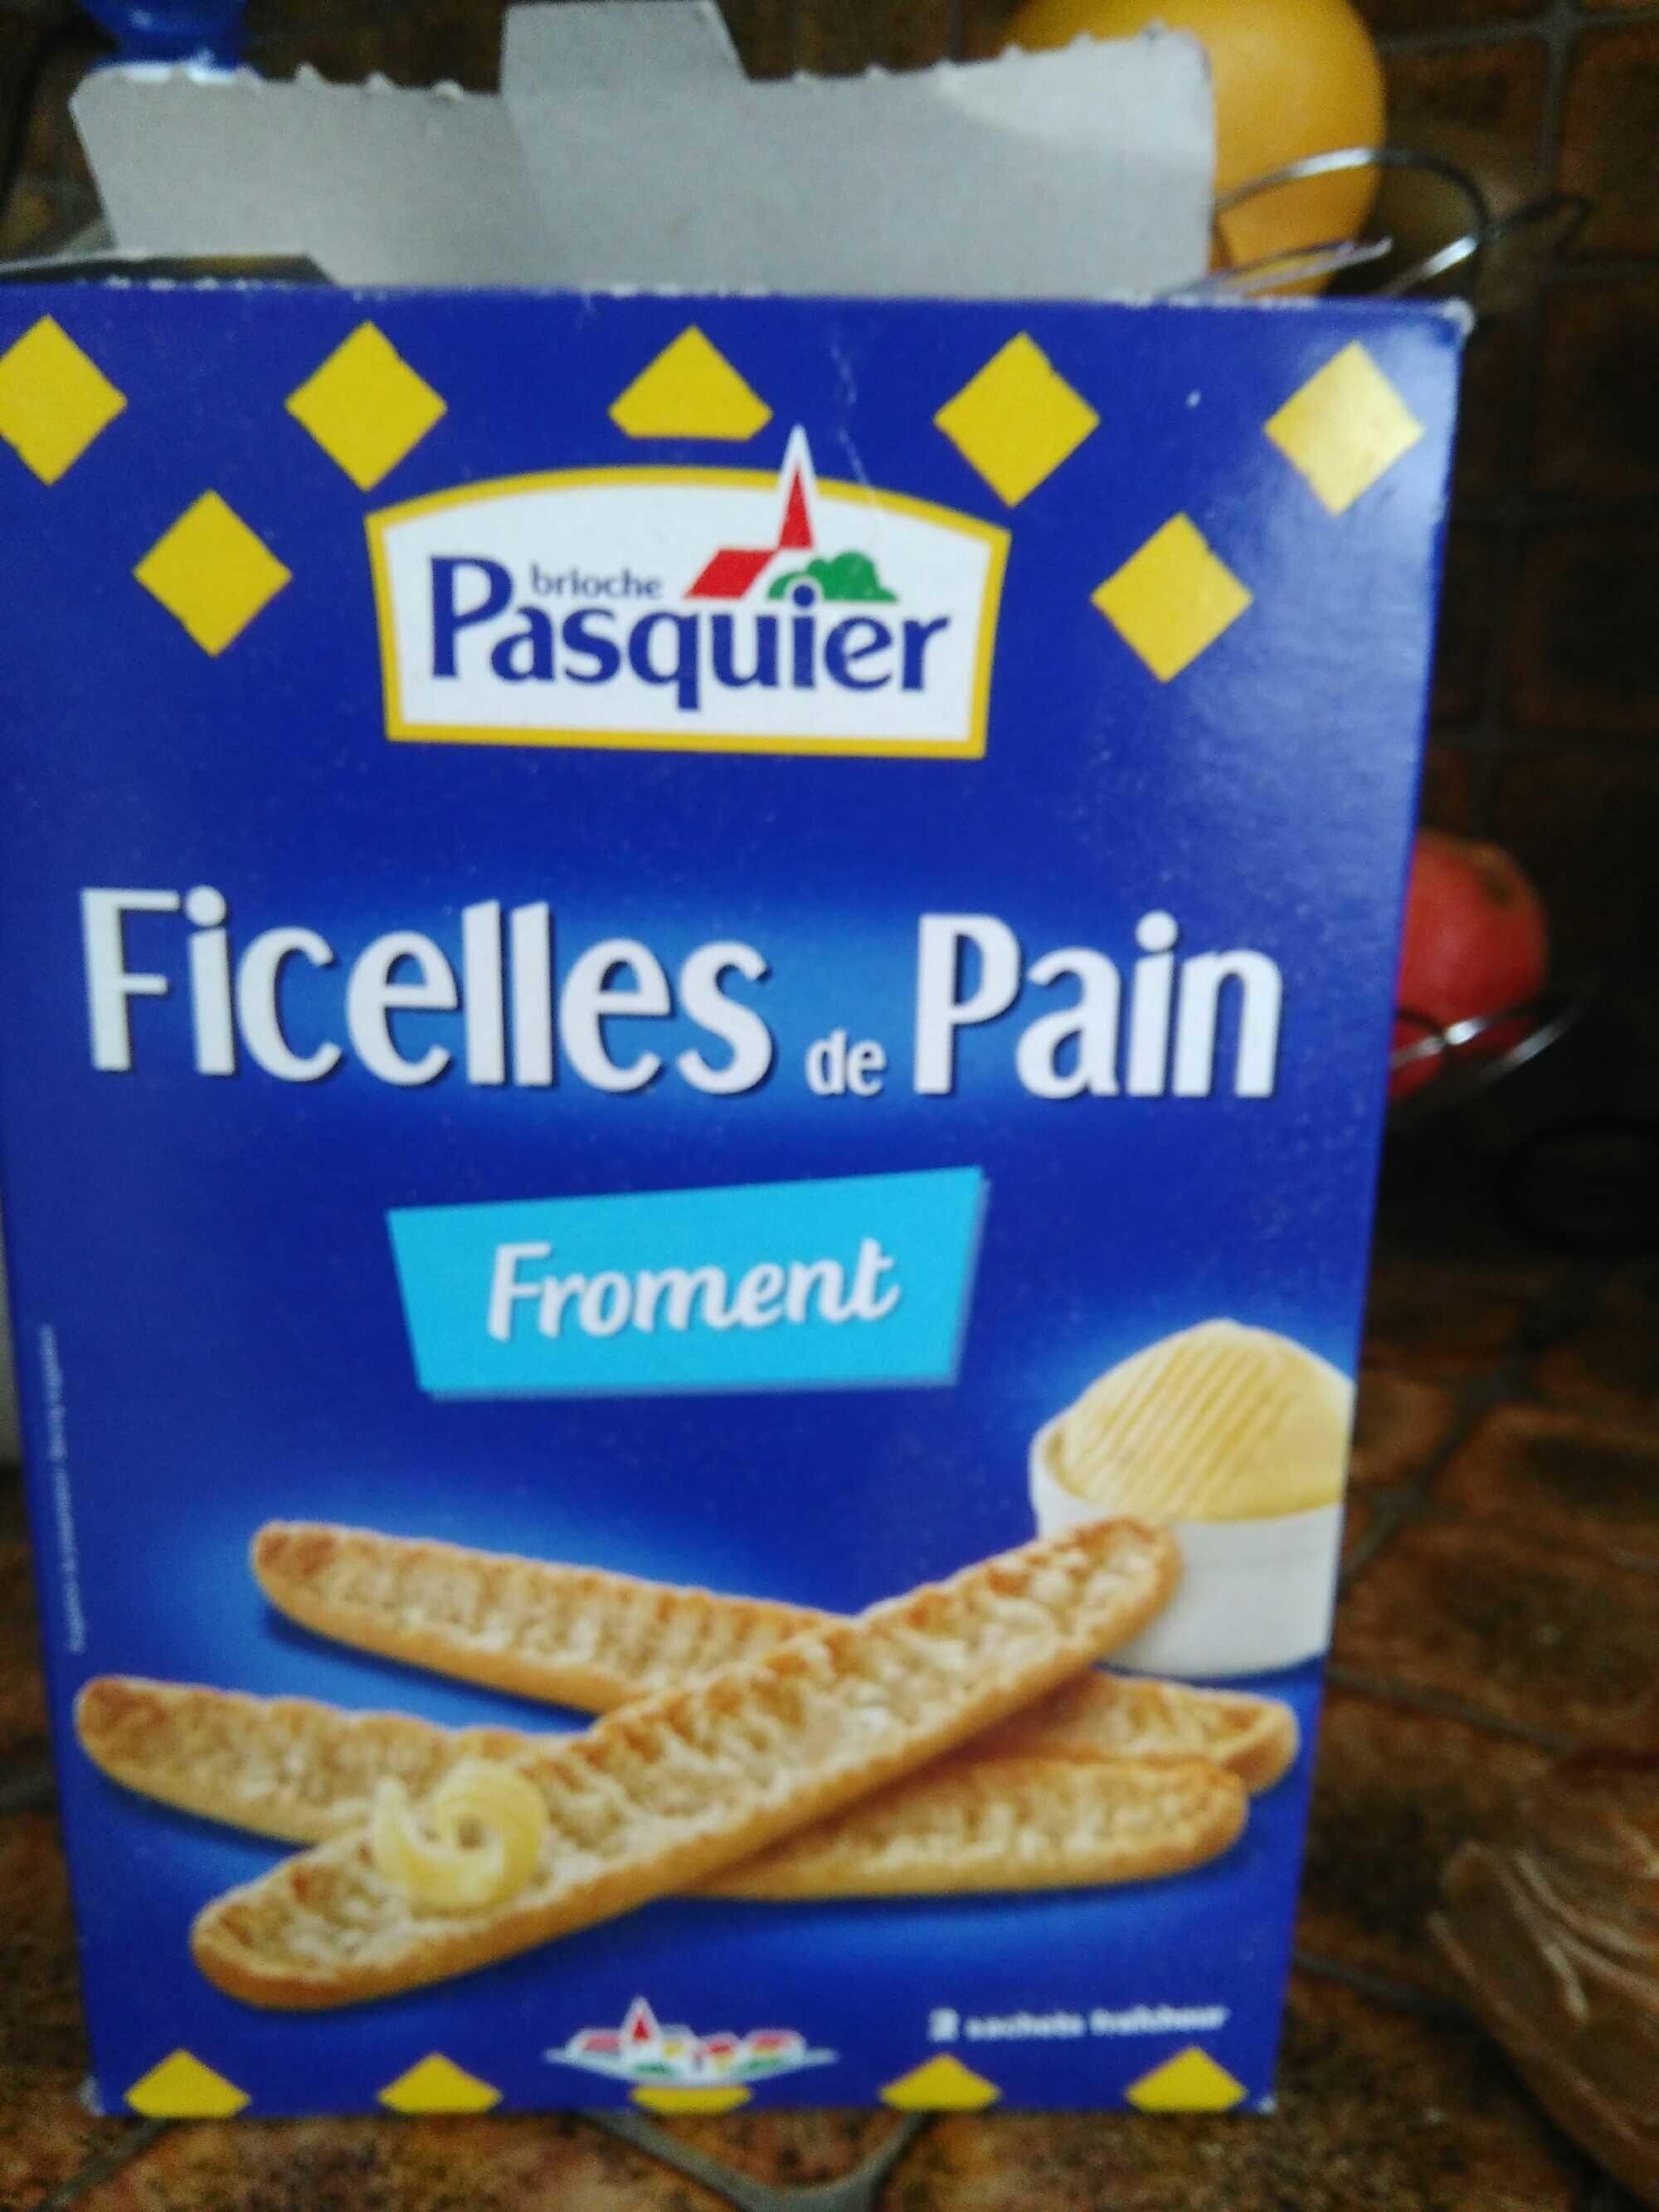 Ficelles de pain - Produit - fr